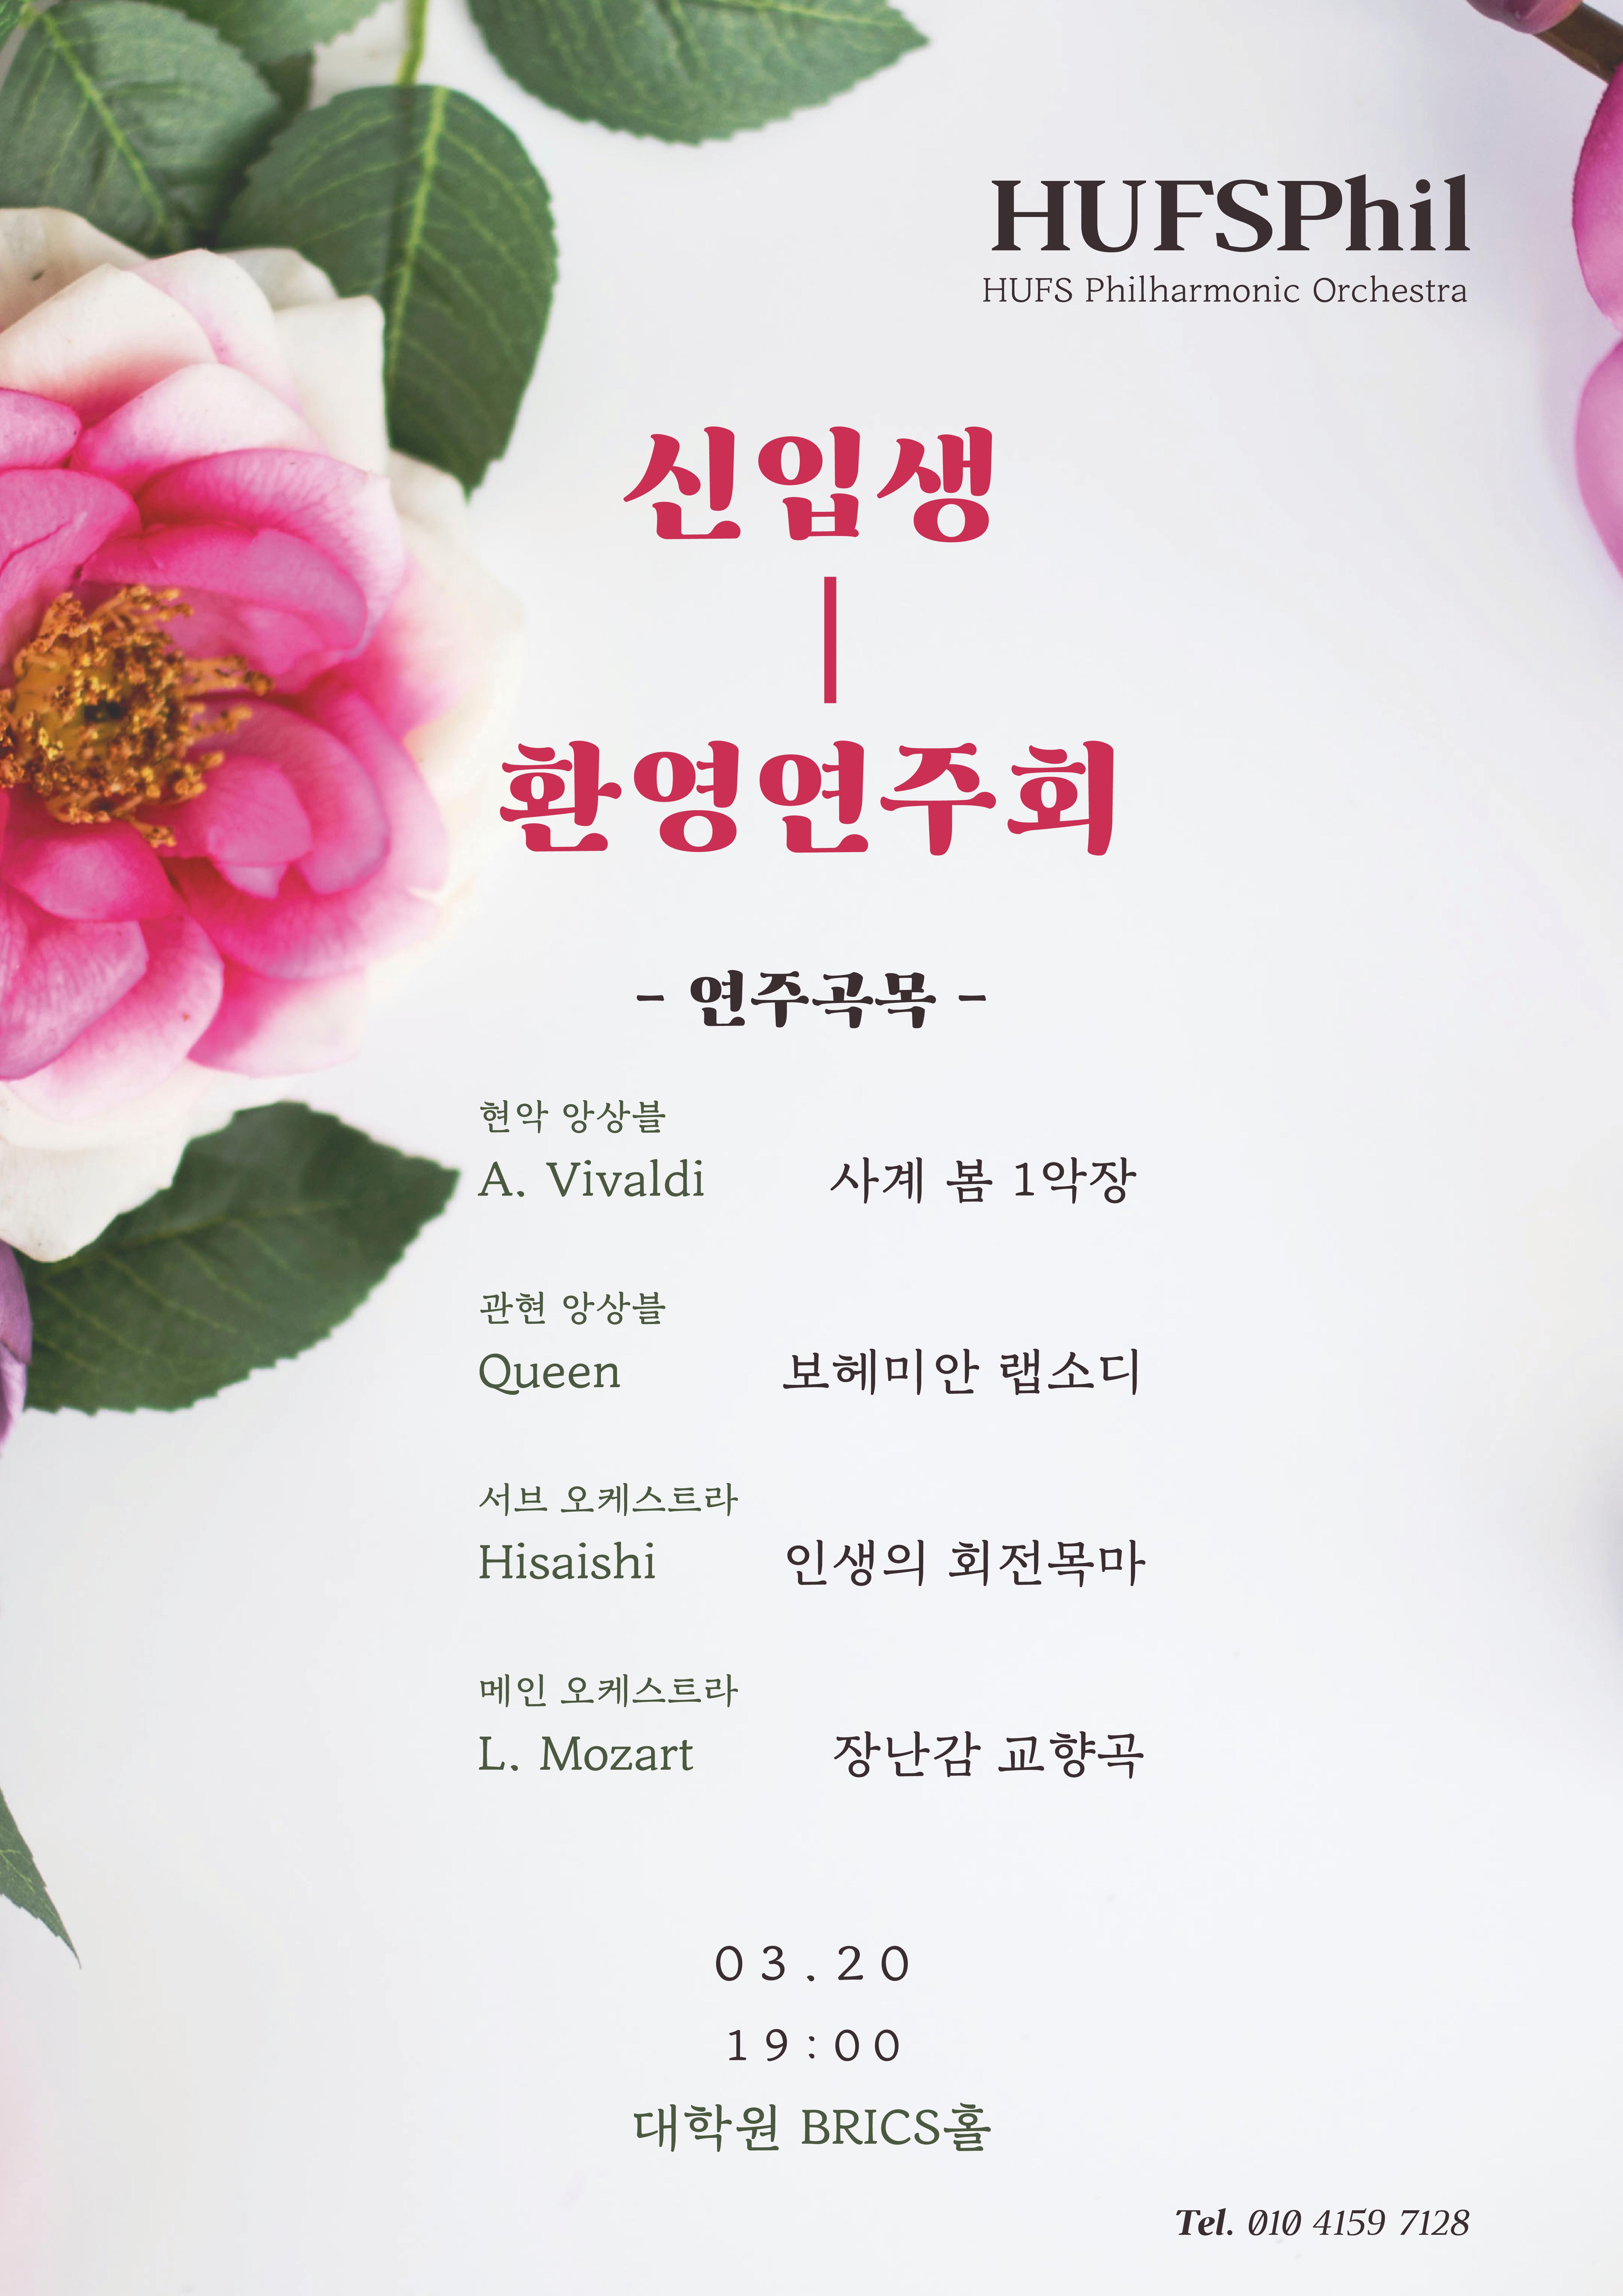 181230 flower_poster_9_3.jpg